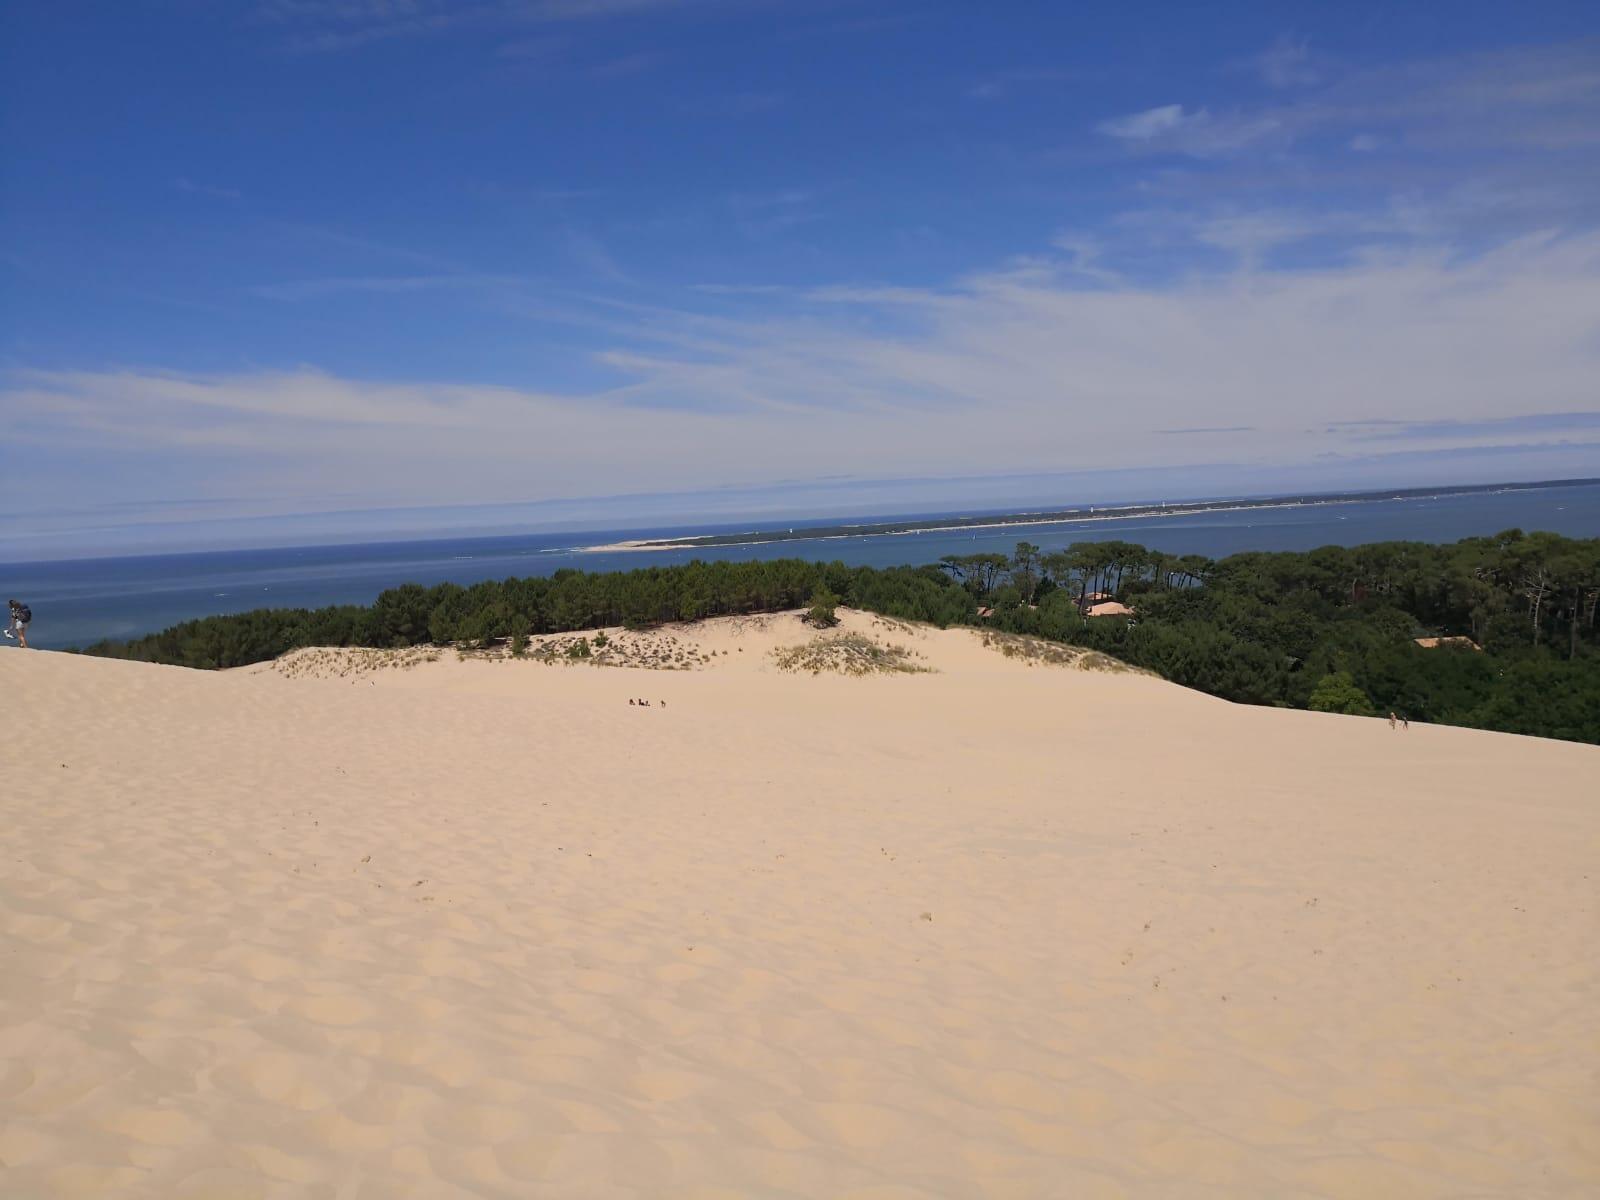 """""""No me imaginaba esta montaña de arena tan impresionante con árboles como antesala y el mar atrás"""", Marleny Ríos al visitar por primera vez la duna de Pilat."""